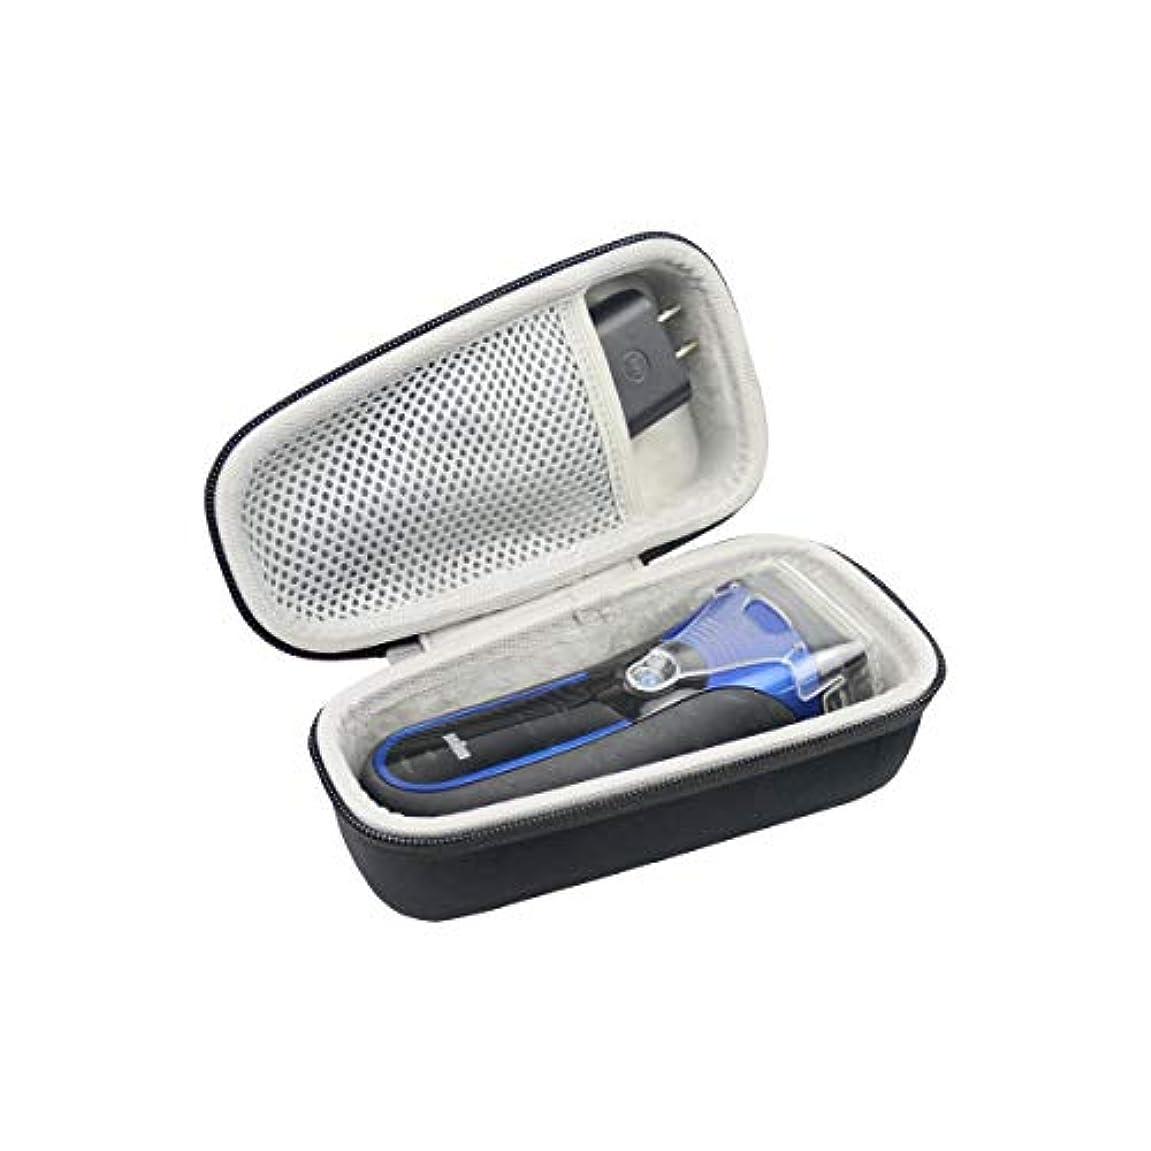 汚染大使位置するキャリングトラベル収納エヴァハードケースfor Braunシリーズ3 310s 3010S 310S 3040s 3020S - B ウェット&ドライ電気シェーバー by LUYIBA